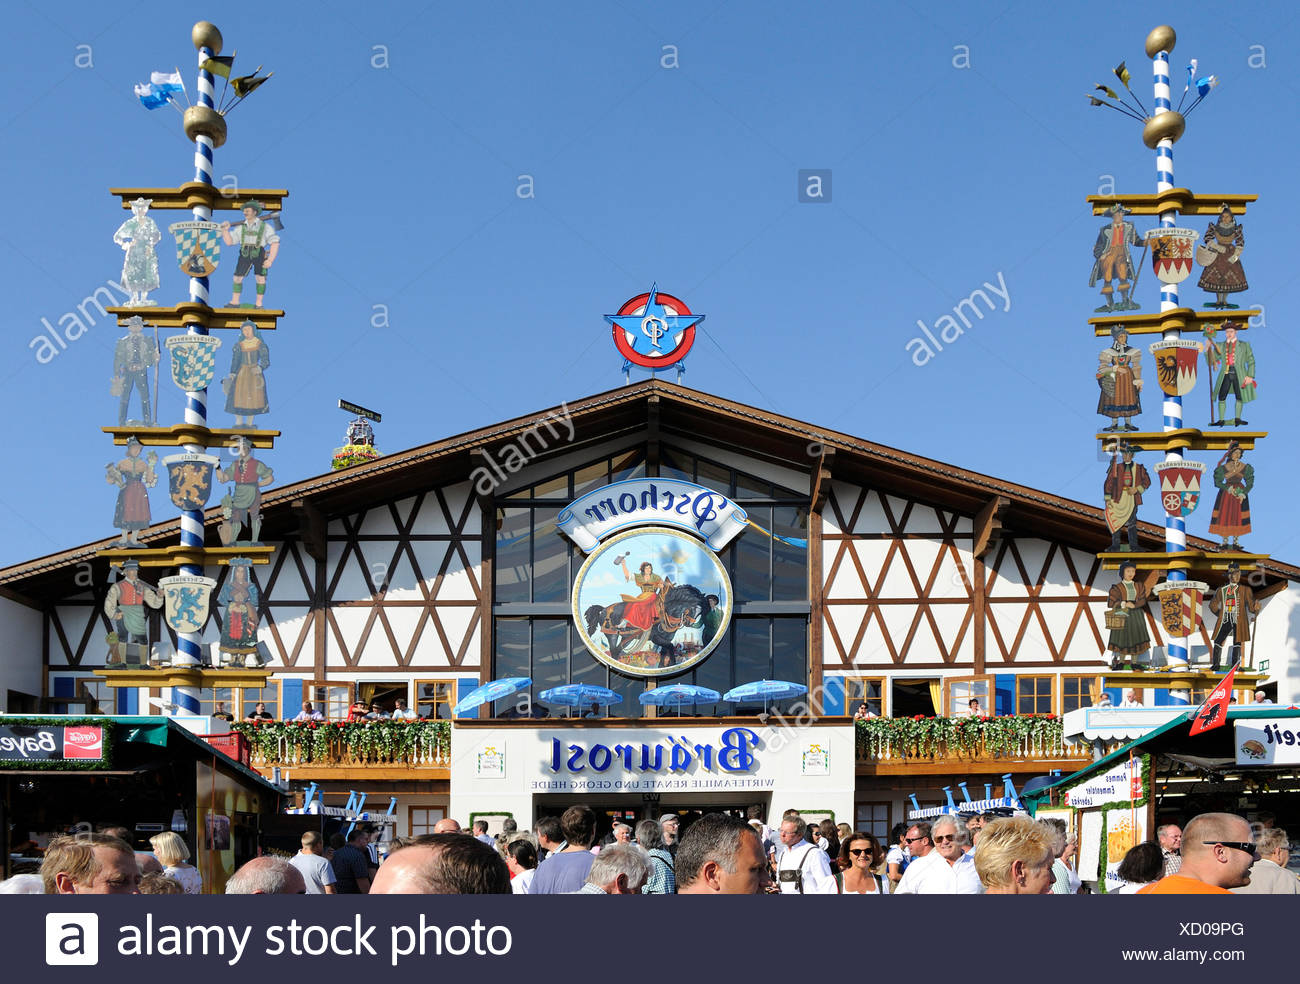 Braeurosl beer hall, Pschorr brewery, Oktoberfest, Munich, Bavaria - Stock Image